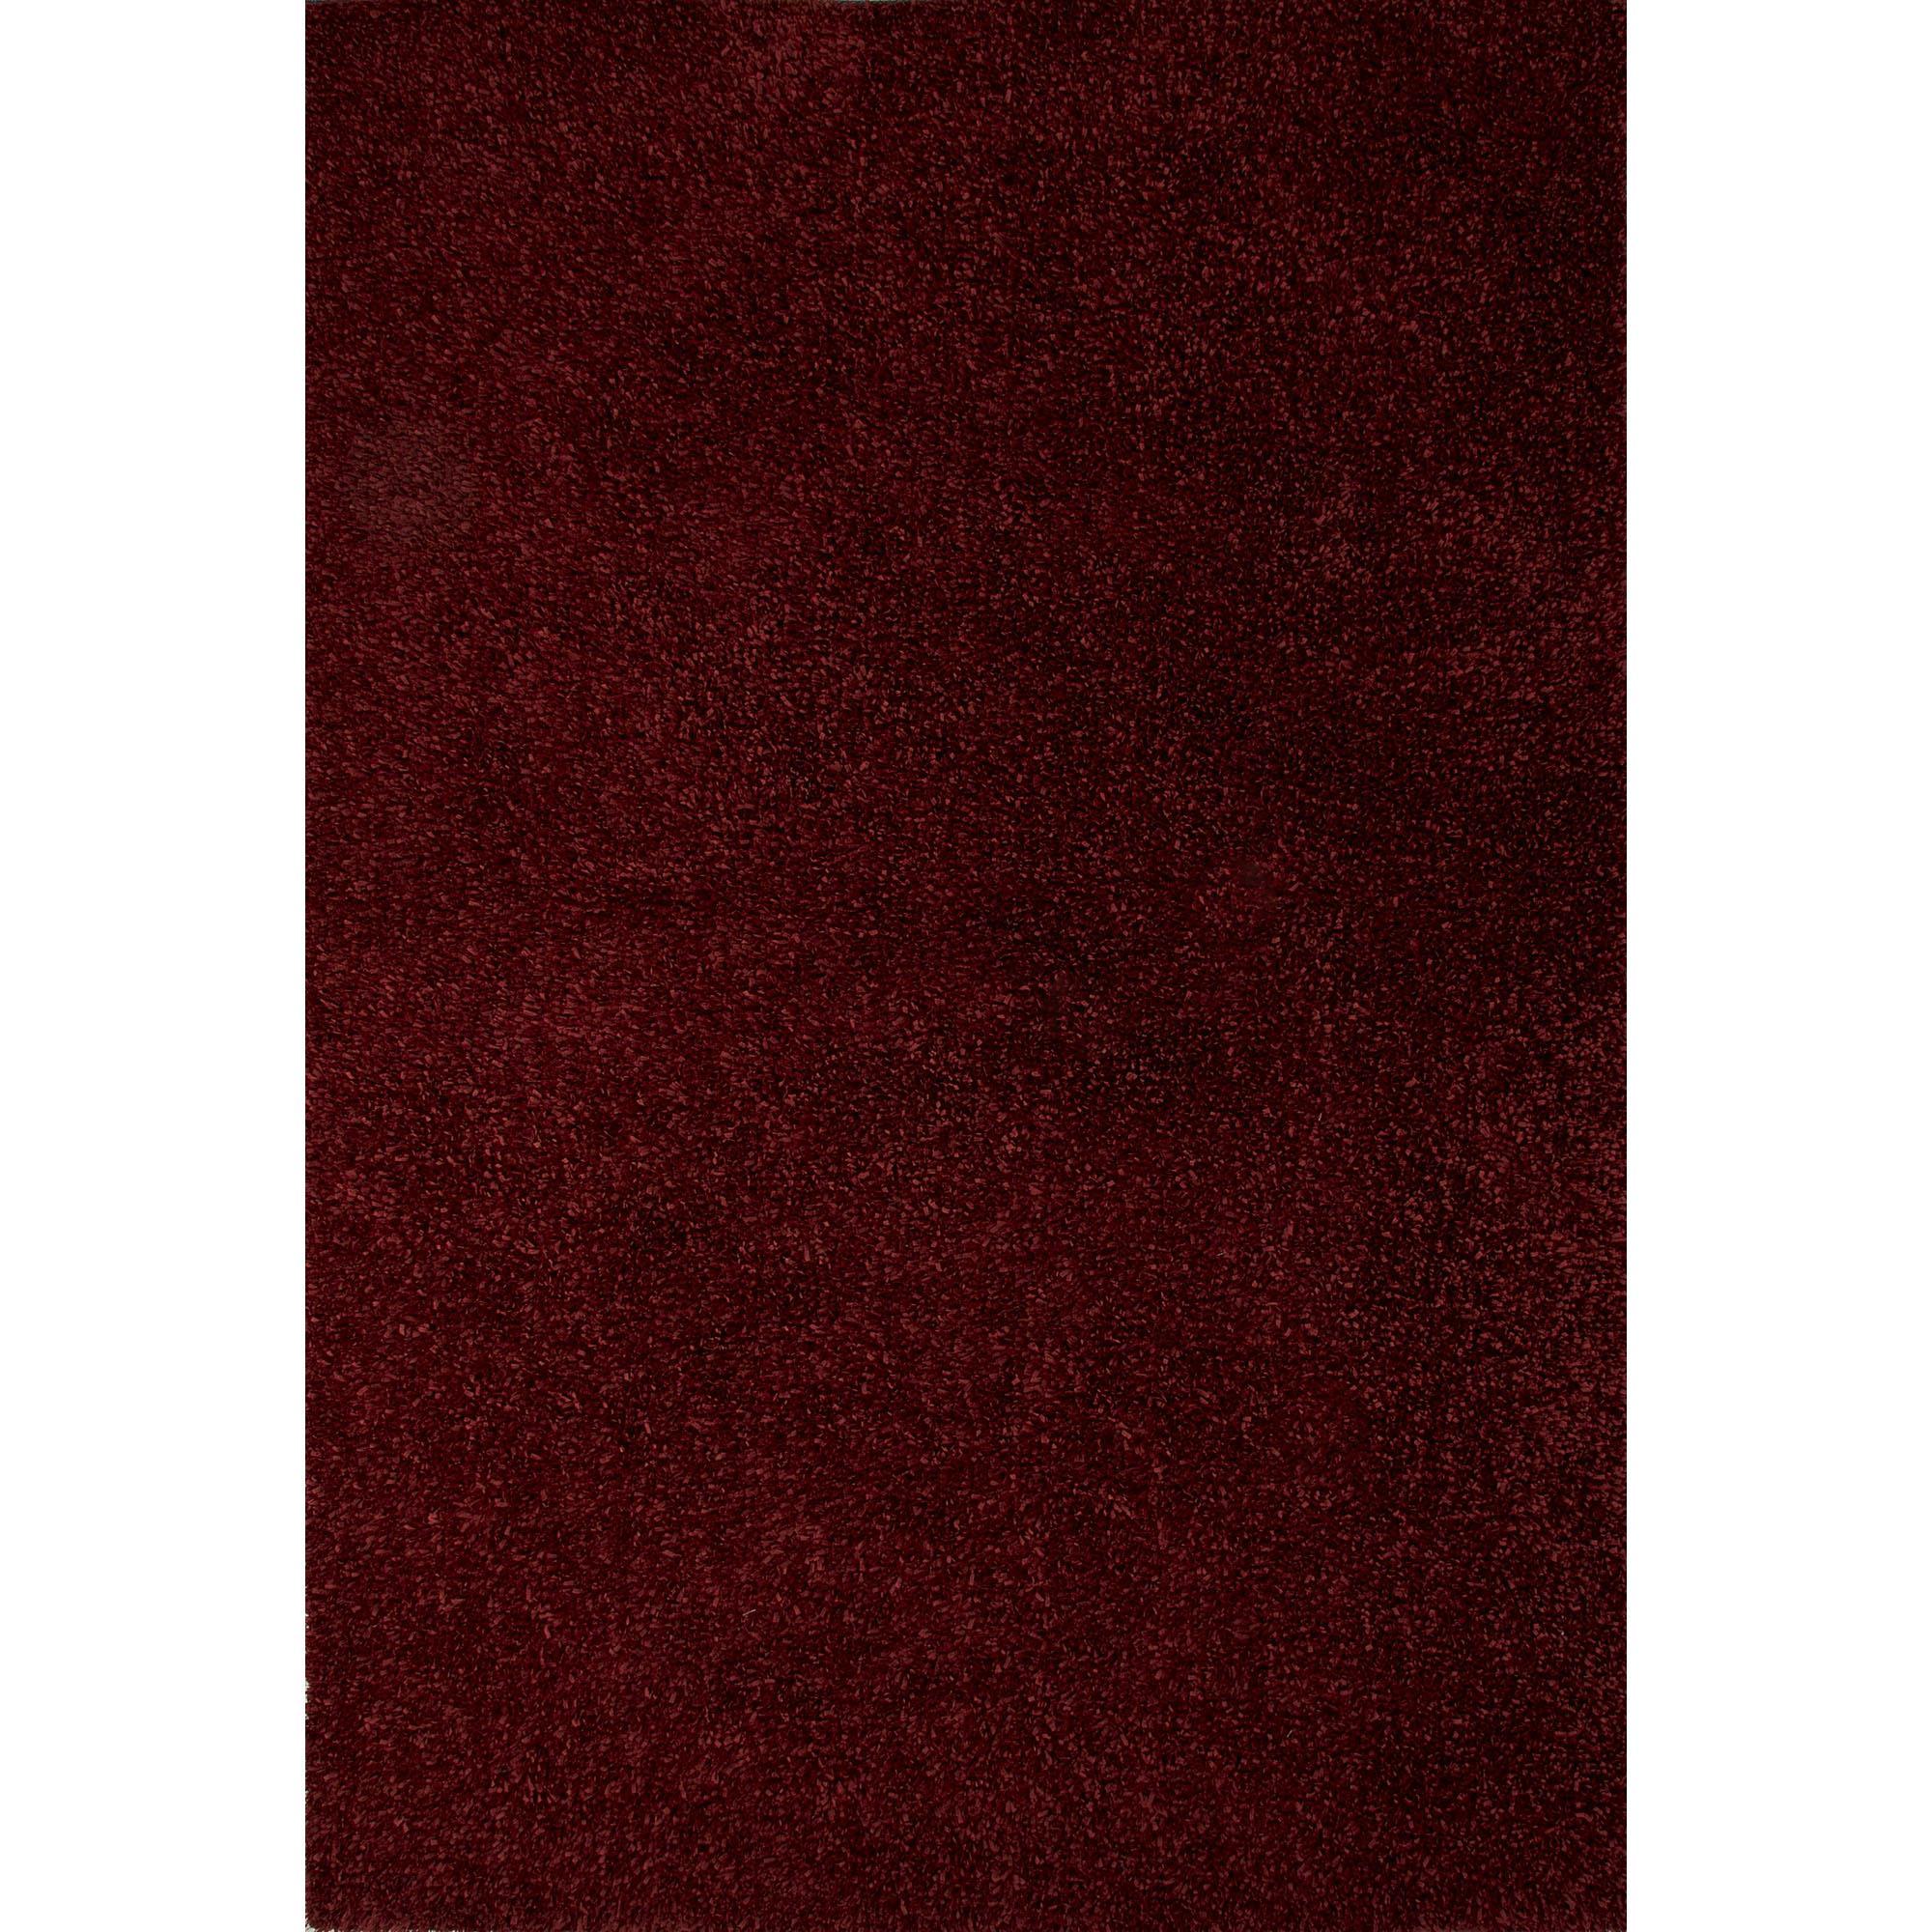 JAIPUR Rugs Cordon 7.6 x 9.6 Rug - Item Number: RUG124585